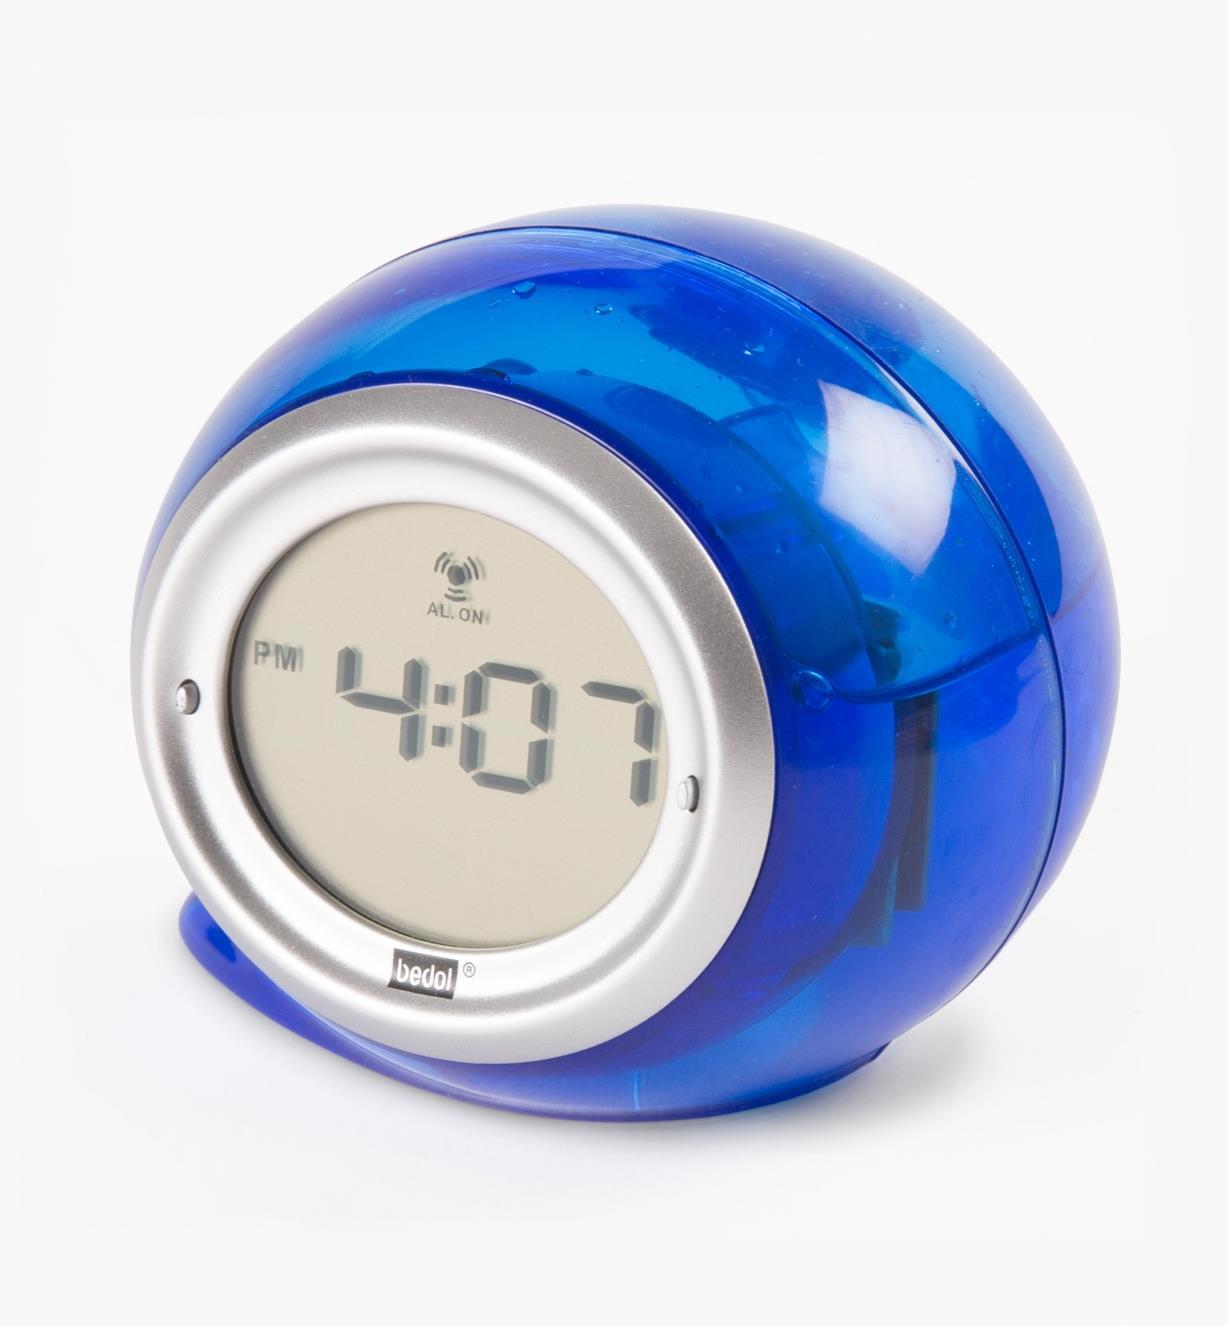 45K1905 - Water Clock, Blue